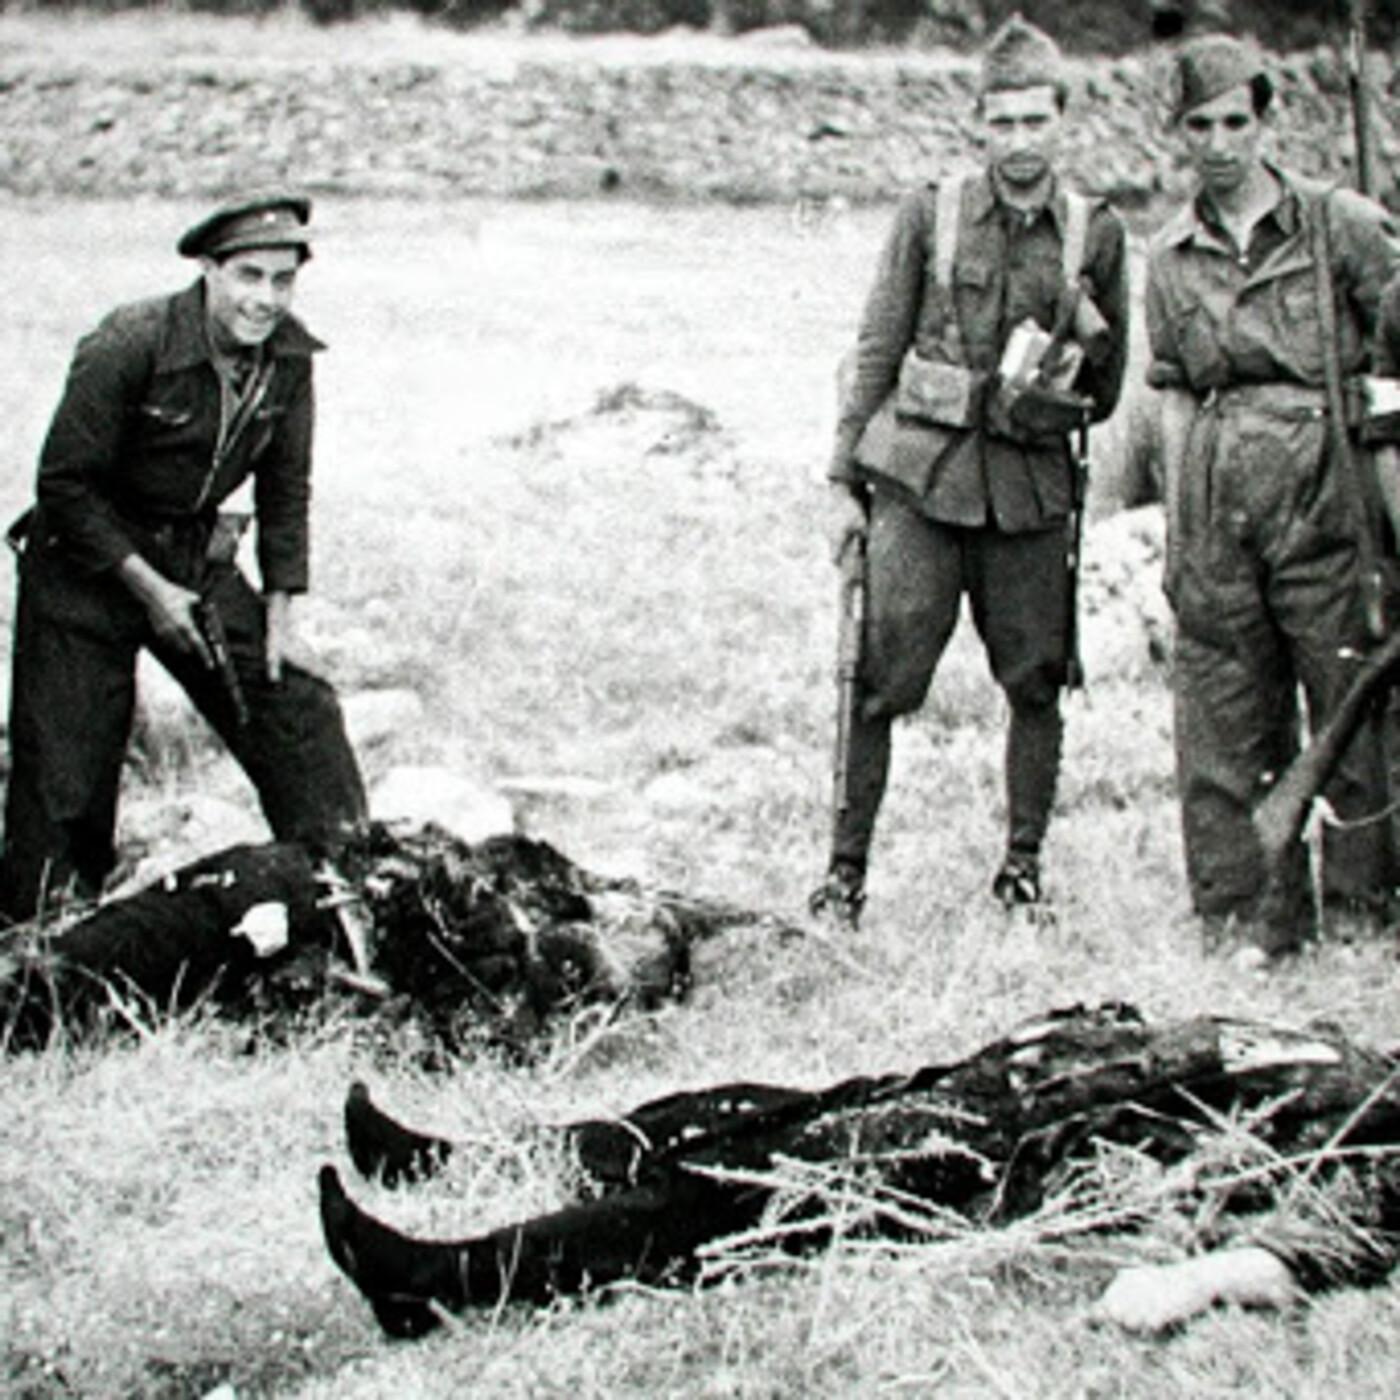 Mitos al descubierto: La masacre de Paracuellos de Jarama